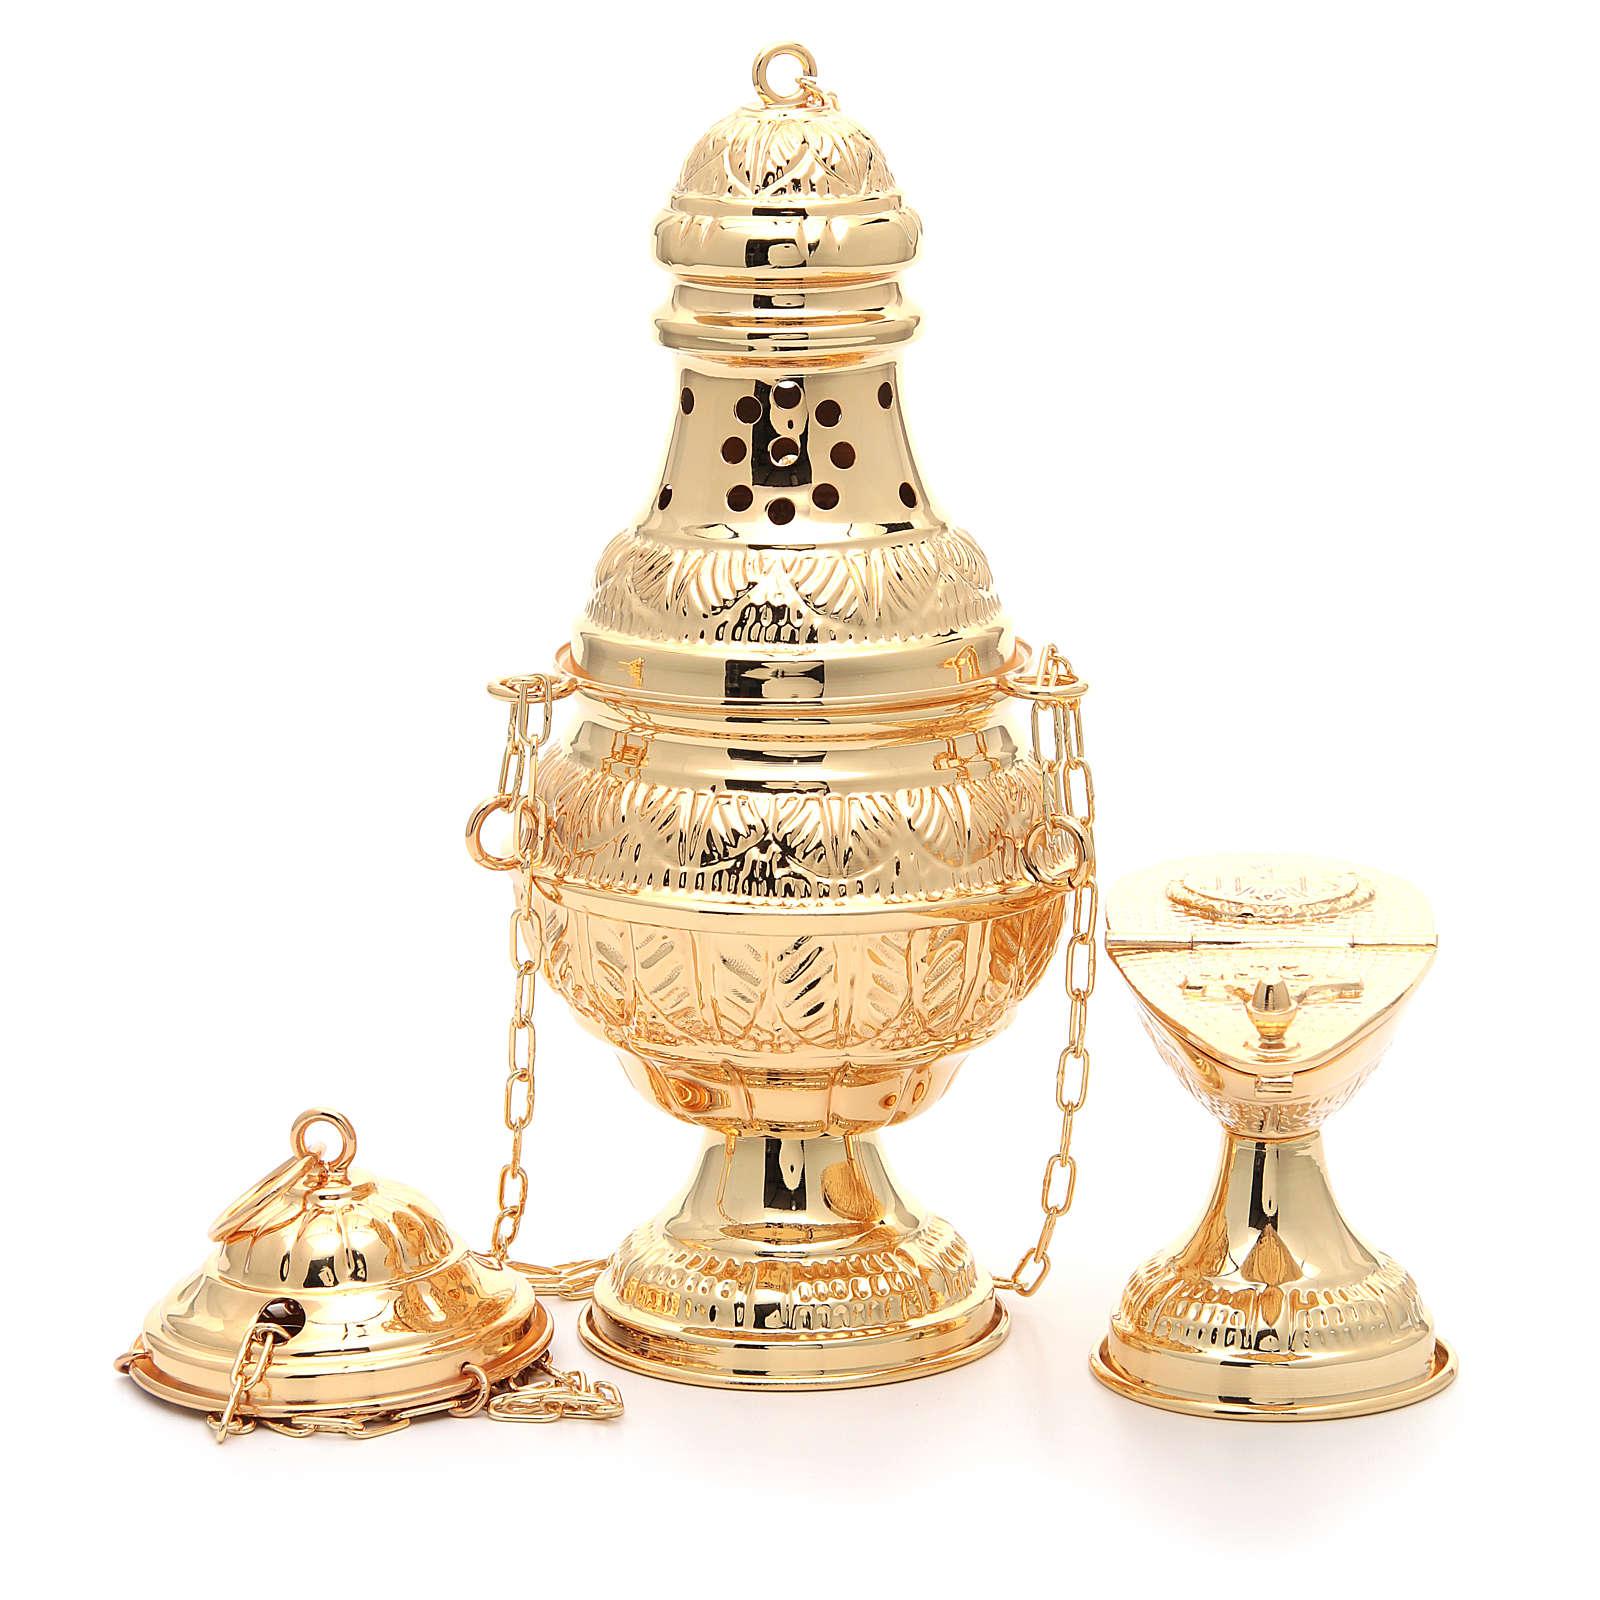 Weihrauchfass und ovales Weihrauchschiffchen aus vergoldetem und ziseliertem Gussmessing 3